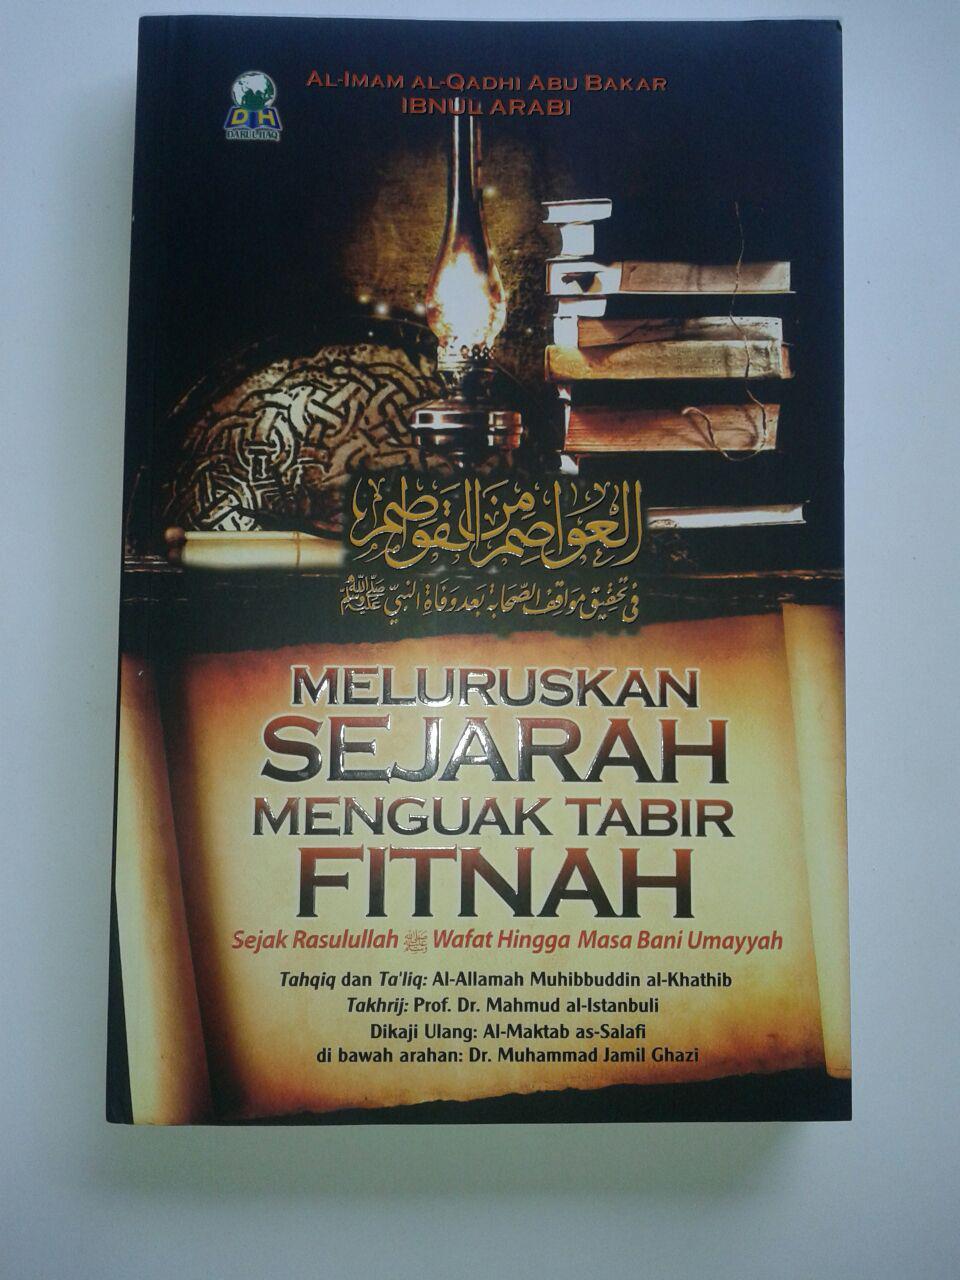 Buku Meluruskan Sejarah Menguak Tabir Fitnah cover 2